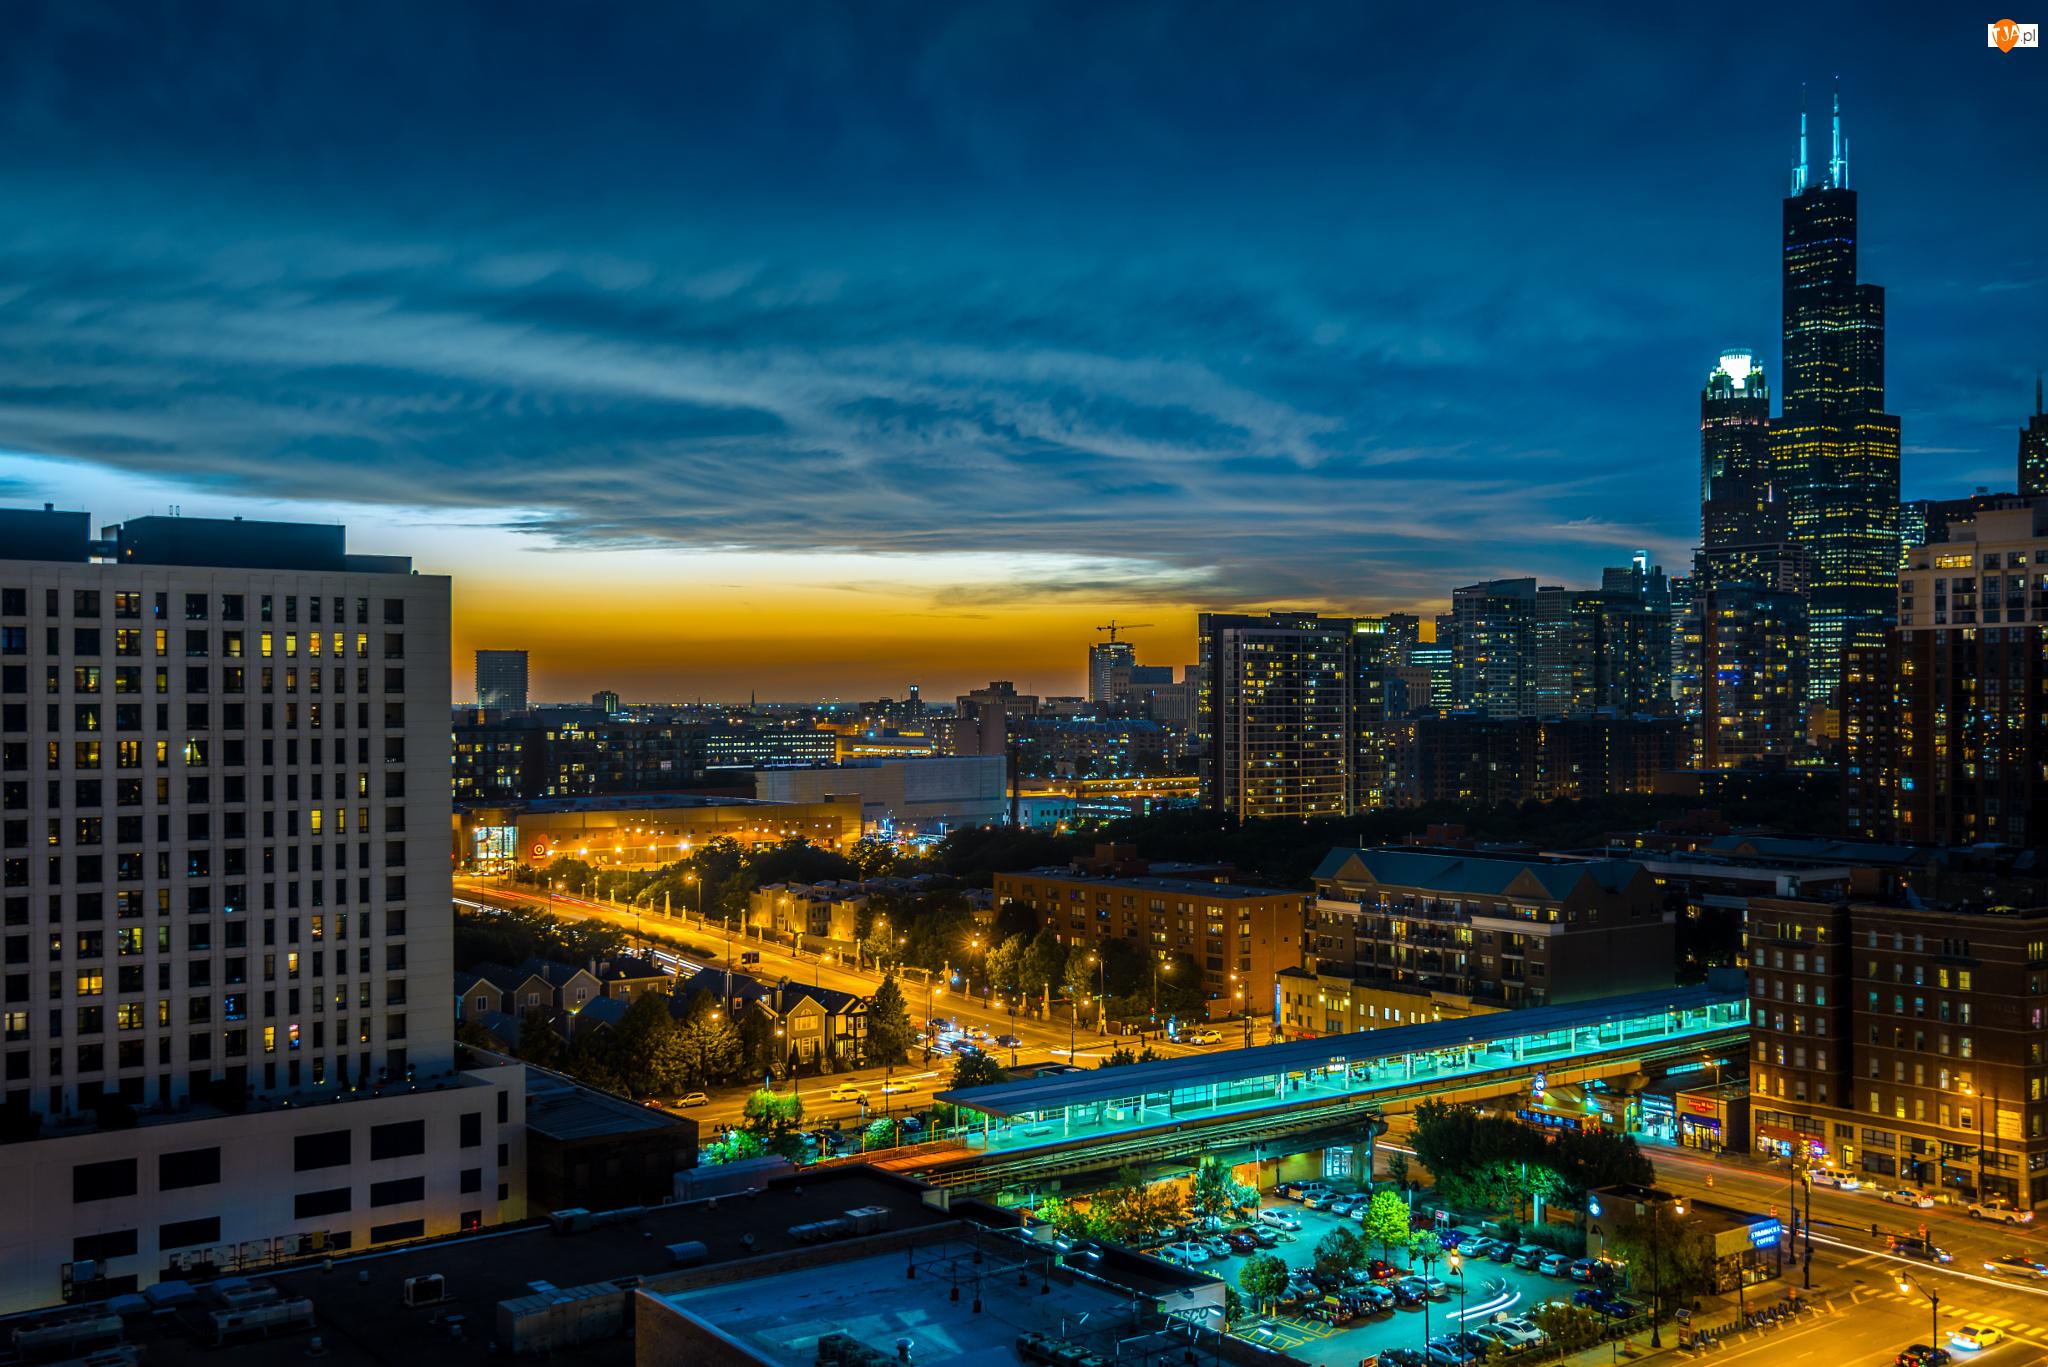 Miasto nocą, Stany Zjednoczone, Drapacze chmur, Chicago, Chmury